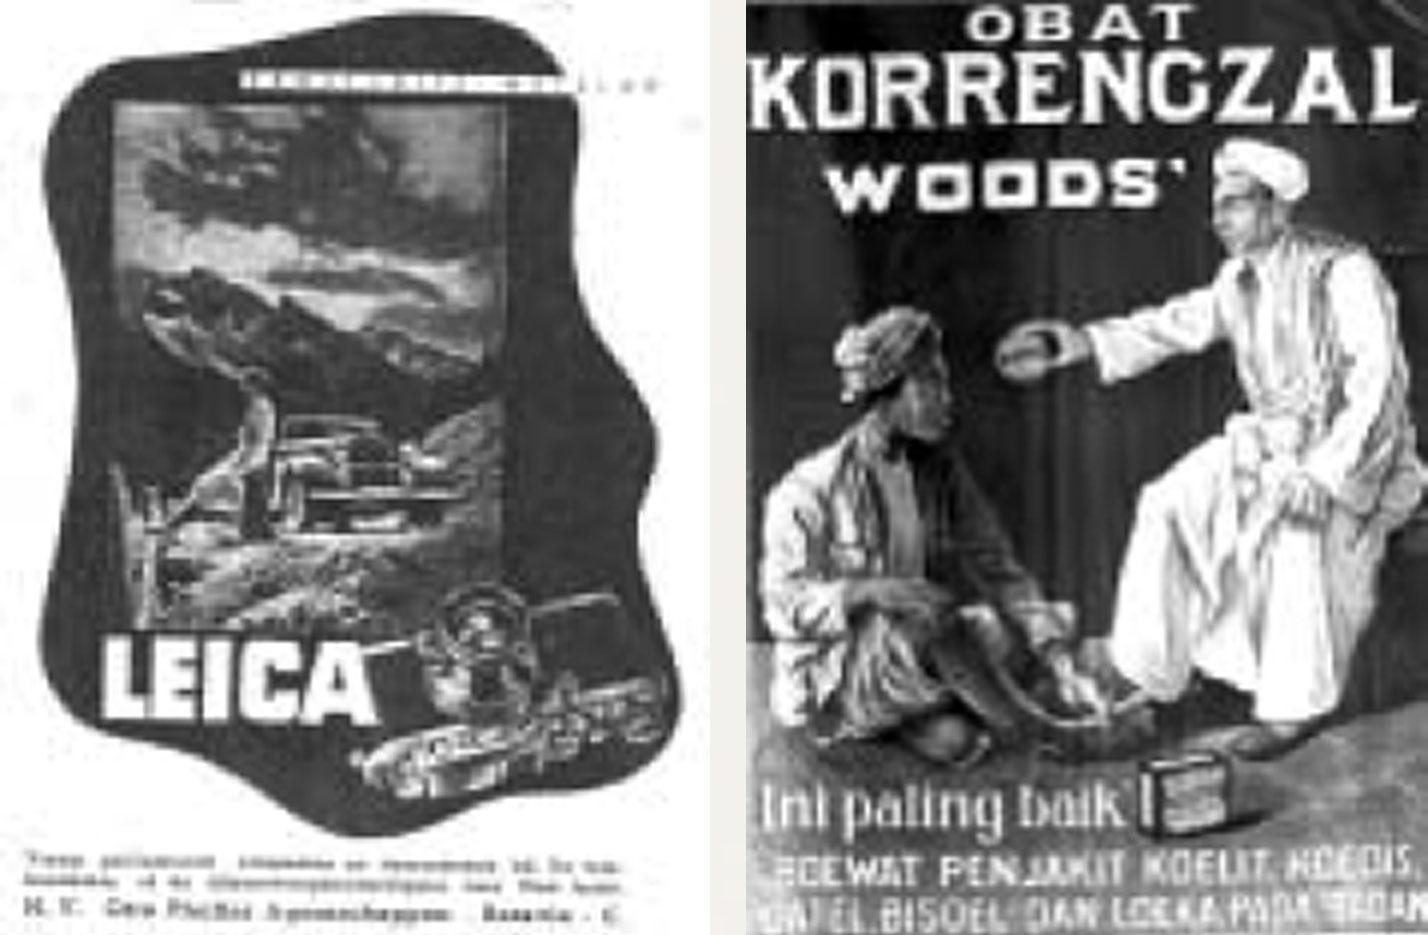 Gambar 3. (a) Iklan yang menawarkan kamera bermerk Leica , iklan ini dimuat dalam majalah Java Express (1938); (b) Iklan yang menawarkan salep kulit dibuat pada tahun 1930.